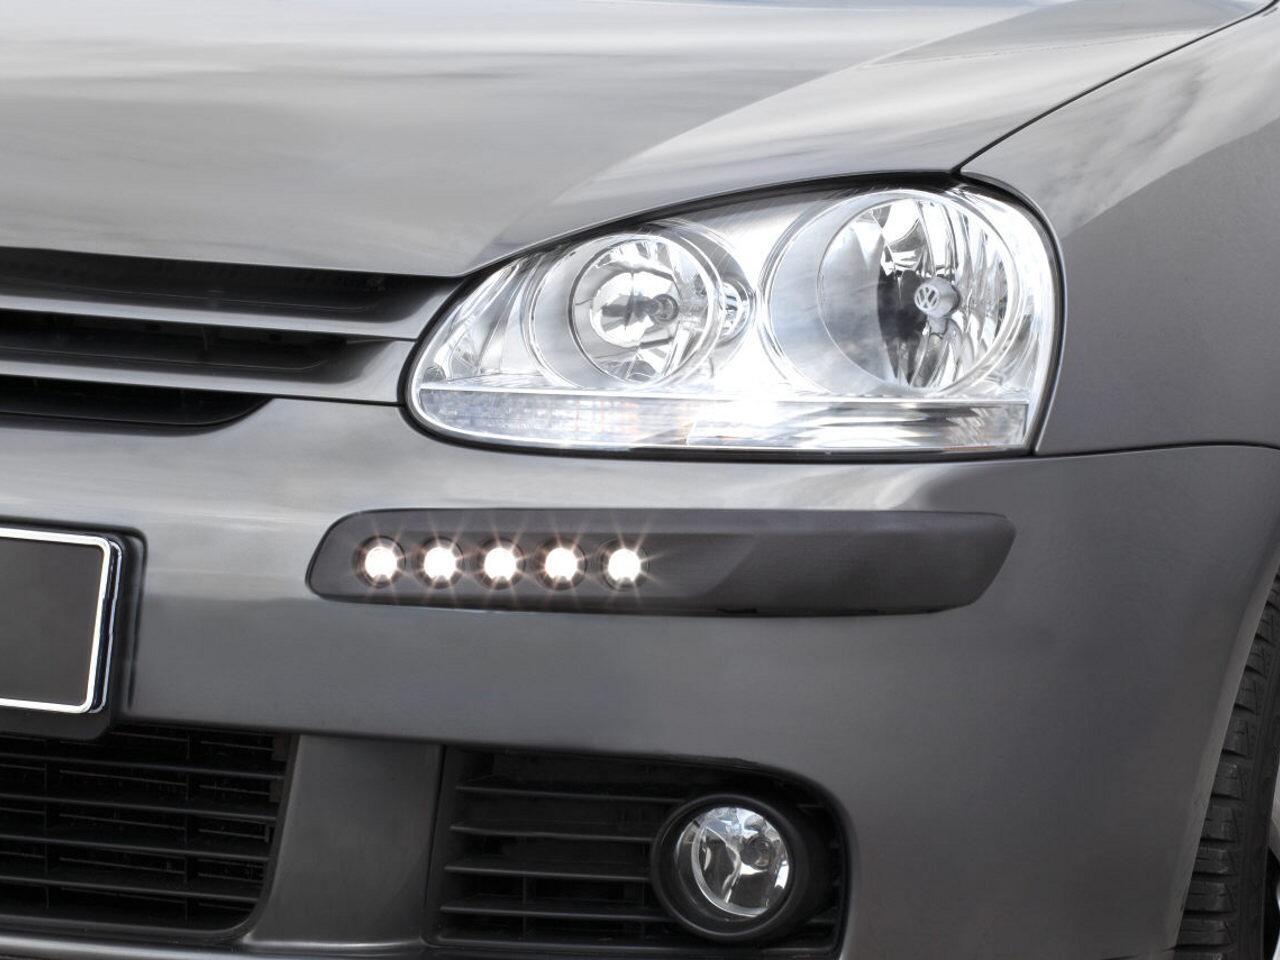 Bild zu Für die Nachrüstung von Tagfahrlicht bei älteren Autos gibt es gute Gründe